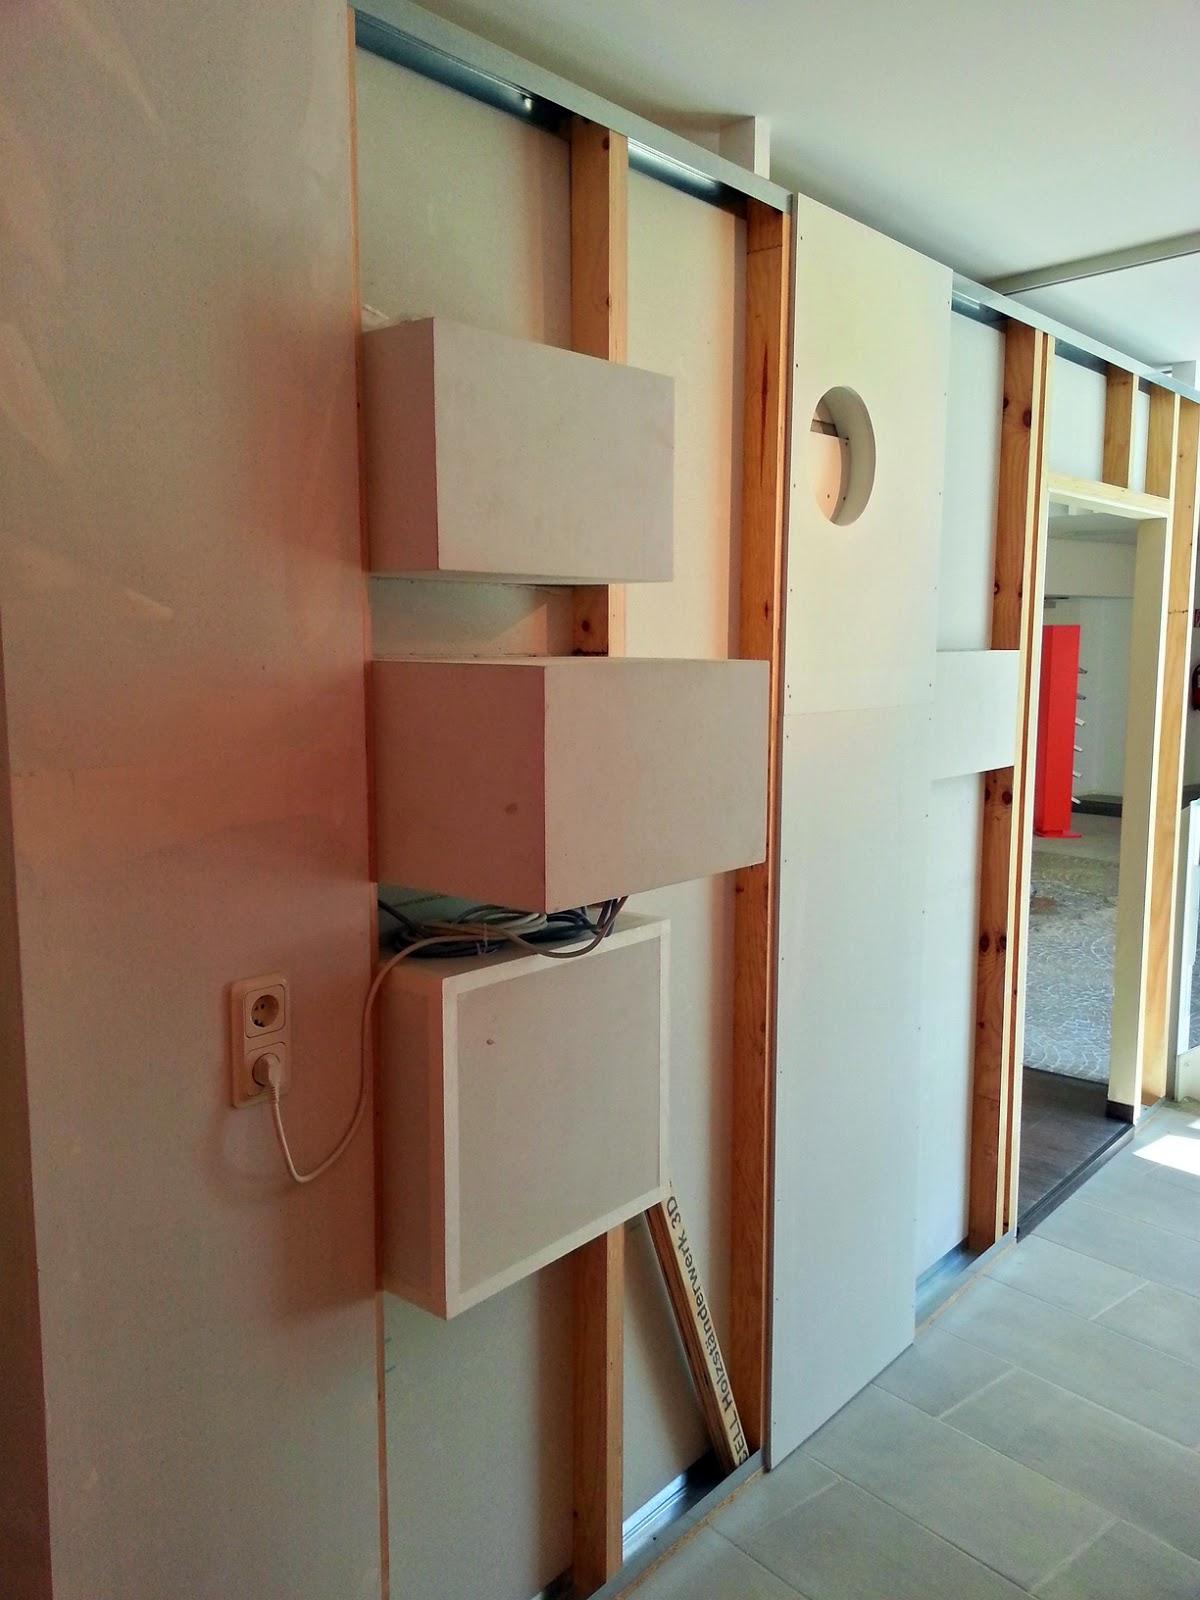 Rozwiązania konstrukcyjne ściany z wnękami samonośnymi